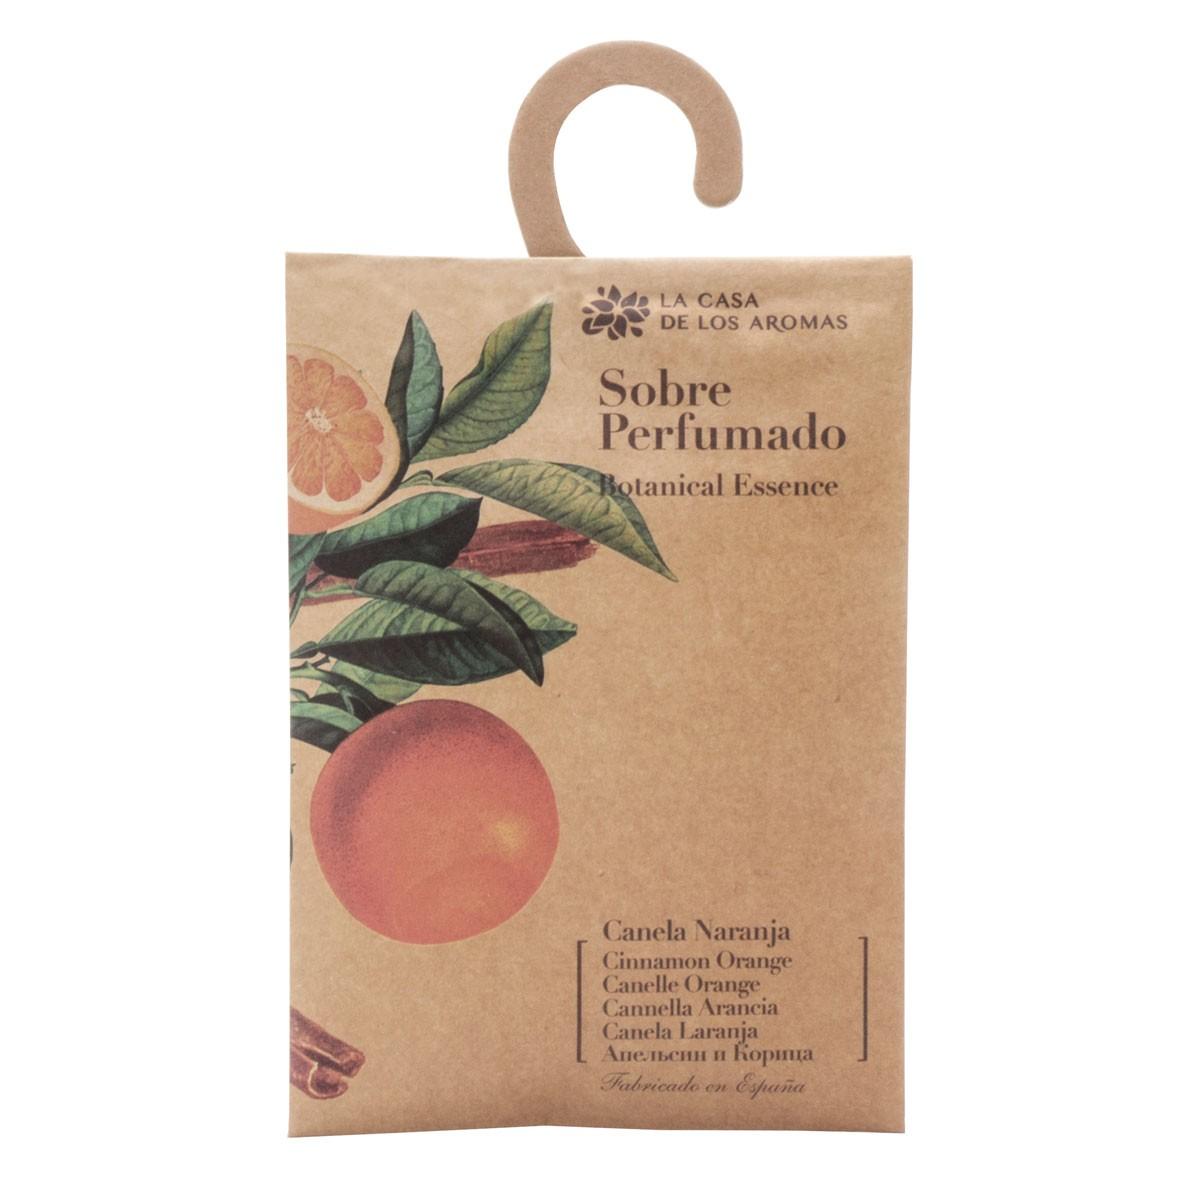 Car freshner Scented Sachet bags Blood Orange Sachet Sachet Pouches Sachet bags